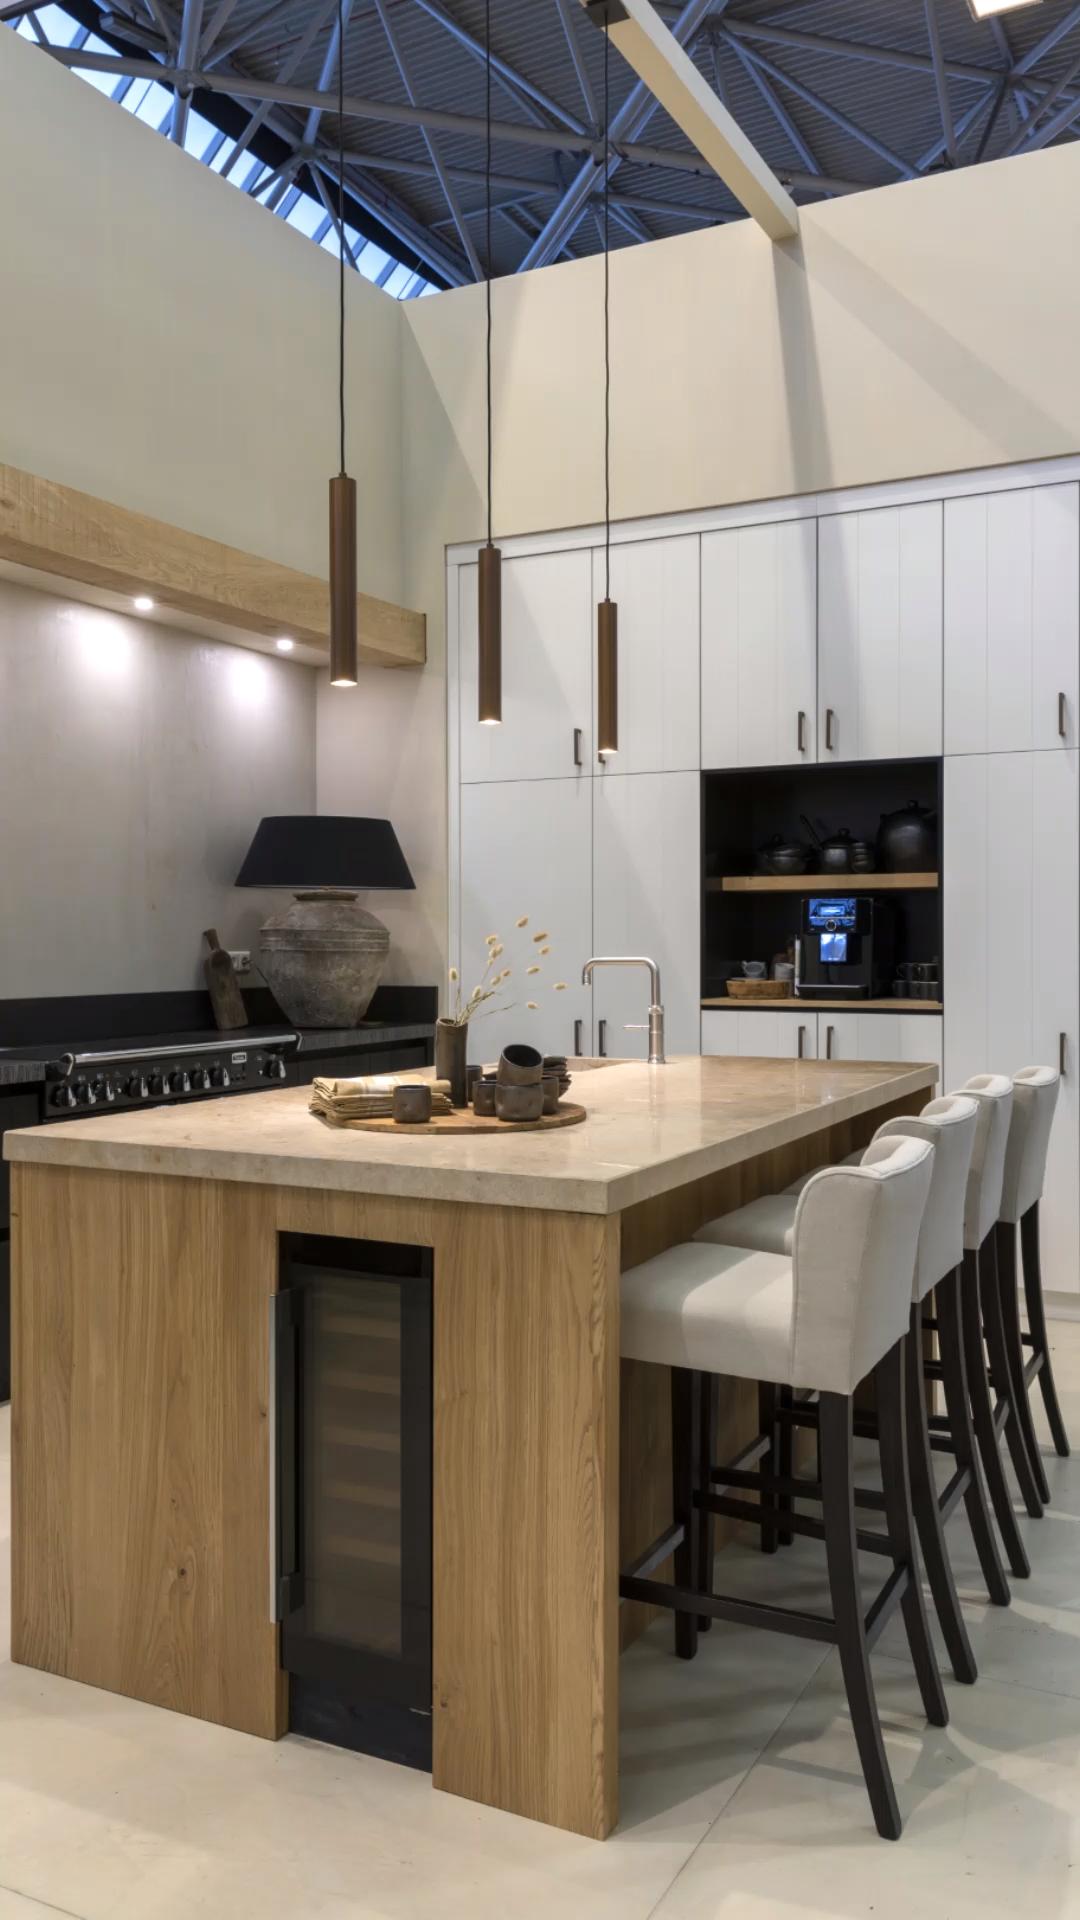 Photo of De WLS beurs keuken op de VT Wonen&Designbeurs 2019